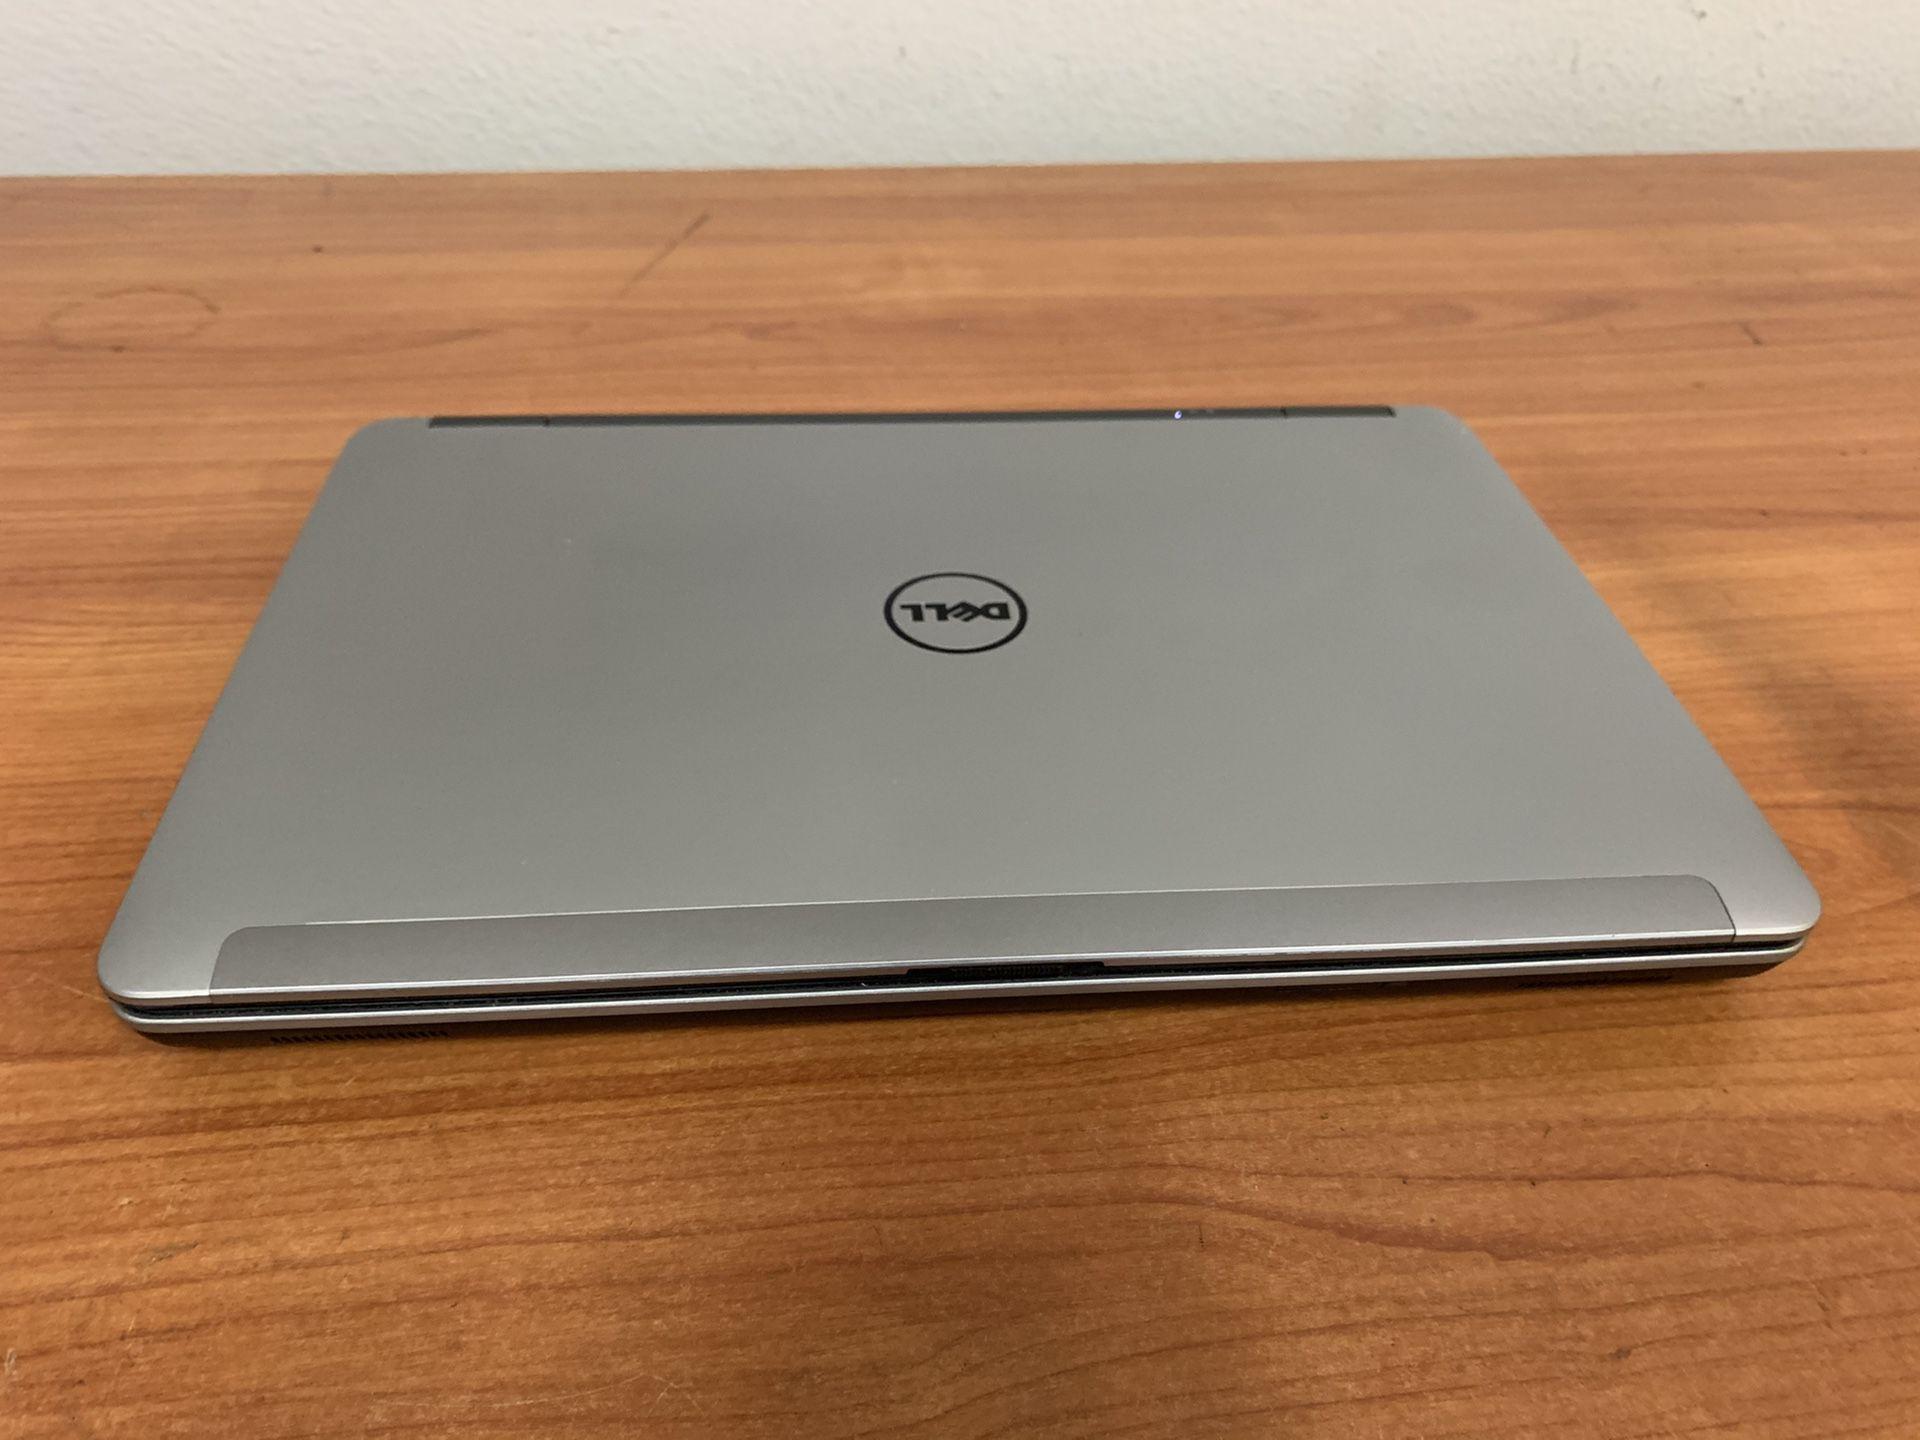 Dell Latitude E6540 Intel Core i7-4800MQ 2.7Ghz 16GB 1TB SSD Win 10 AMD 8790M